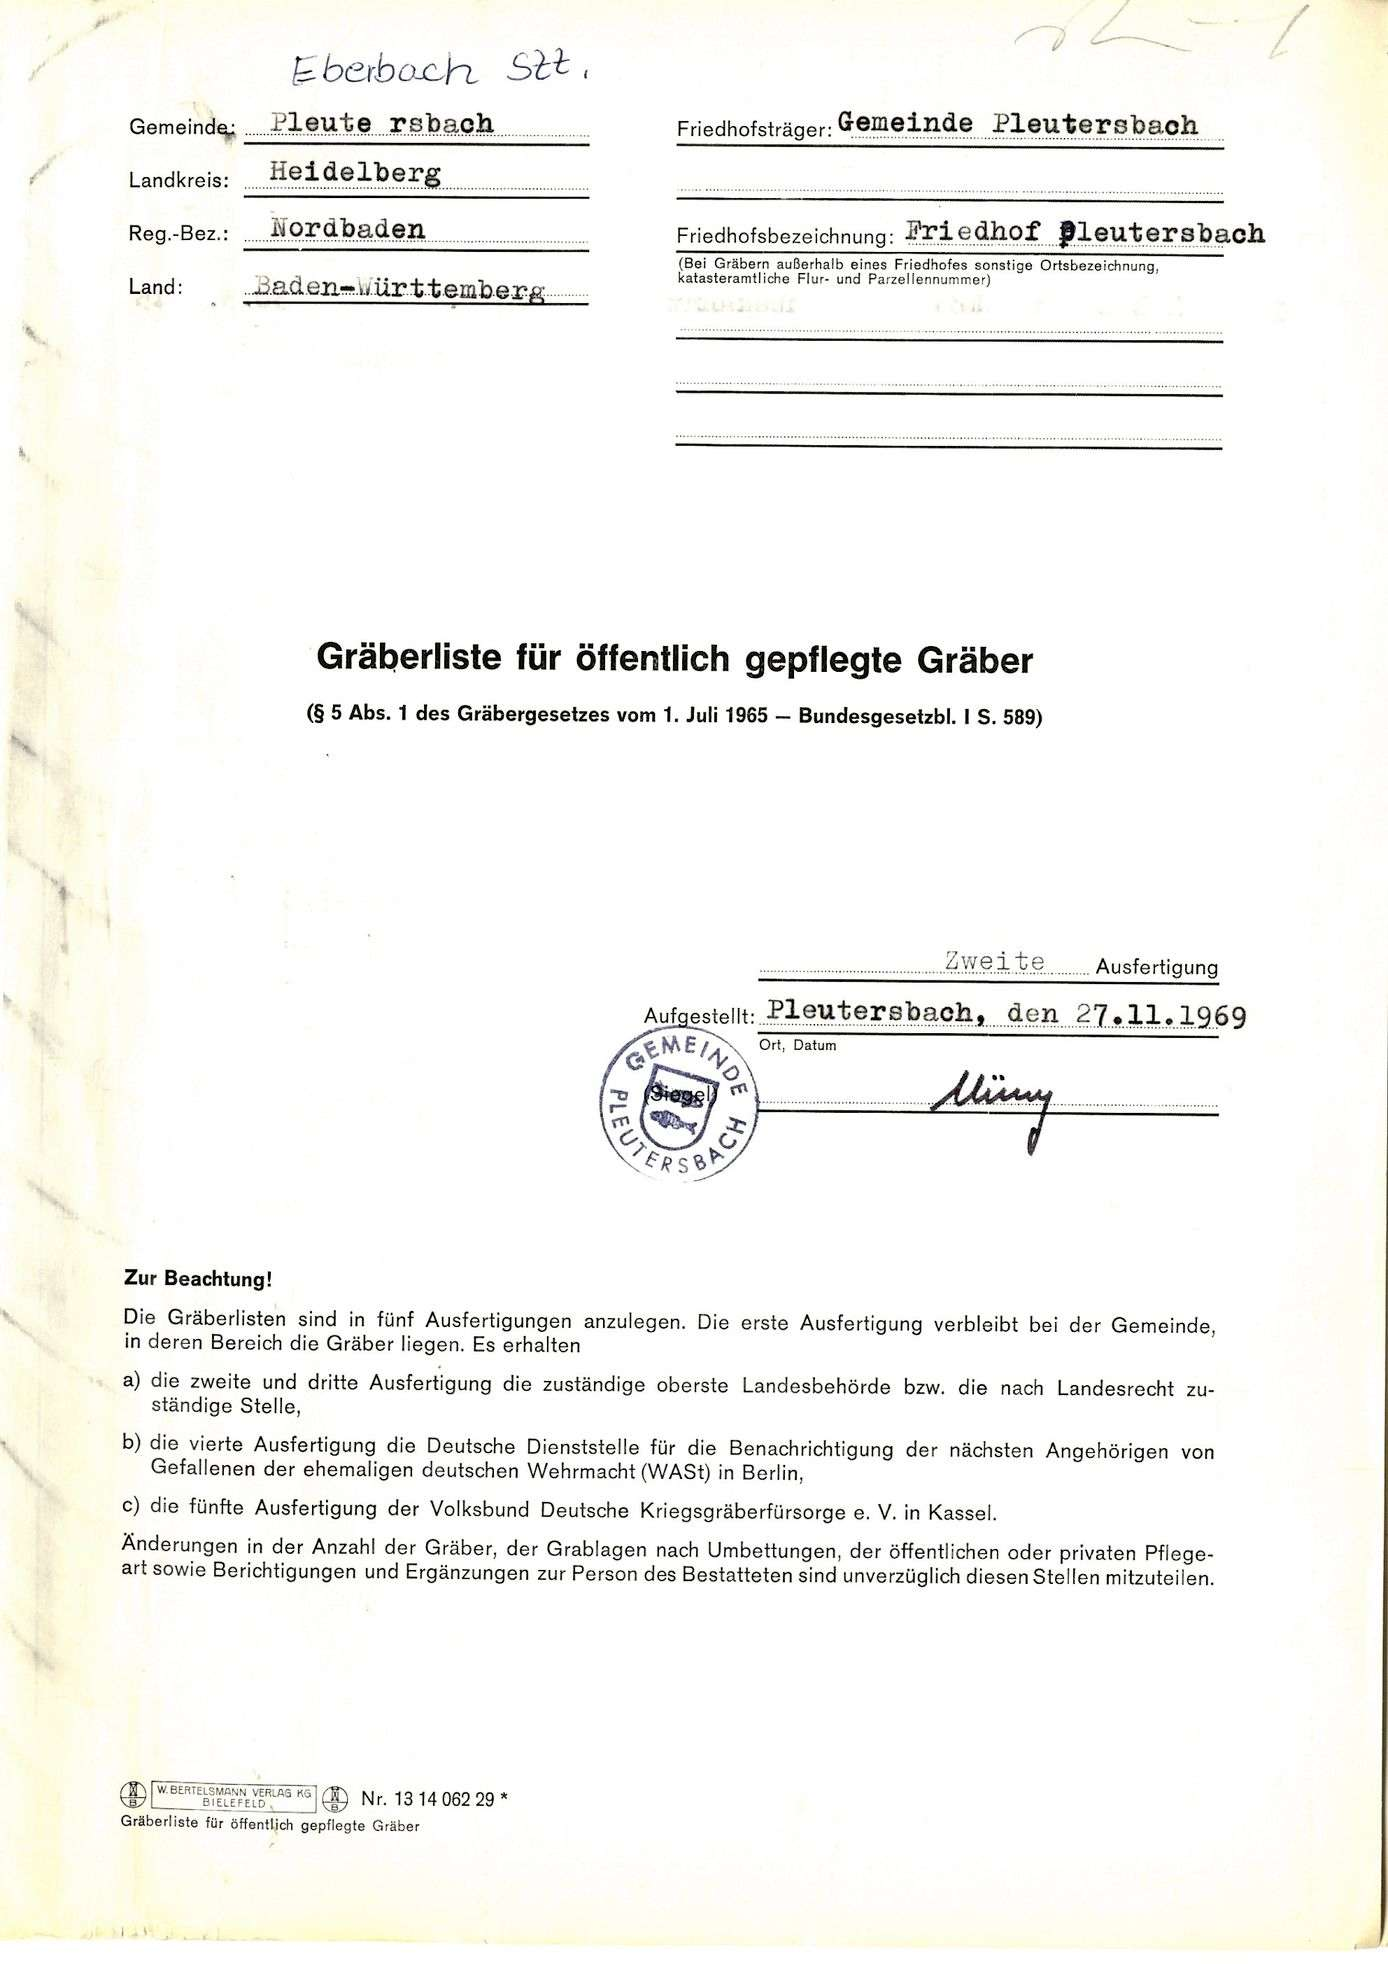 Pleutersbach, Bild 1